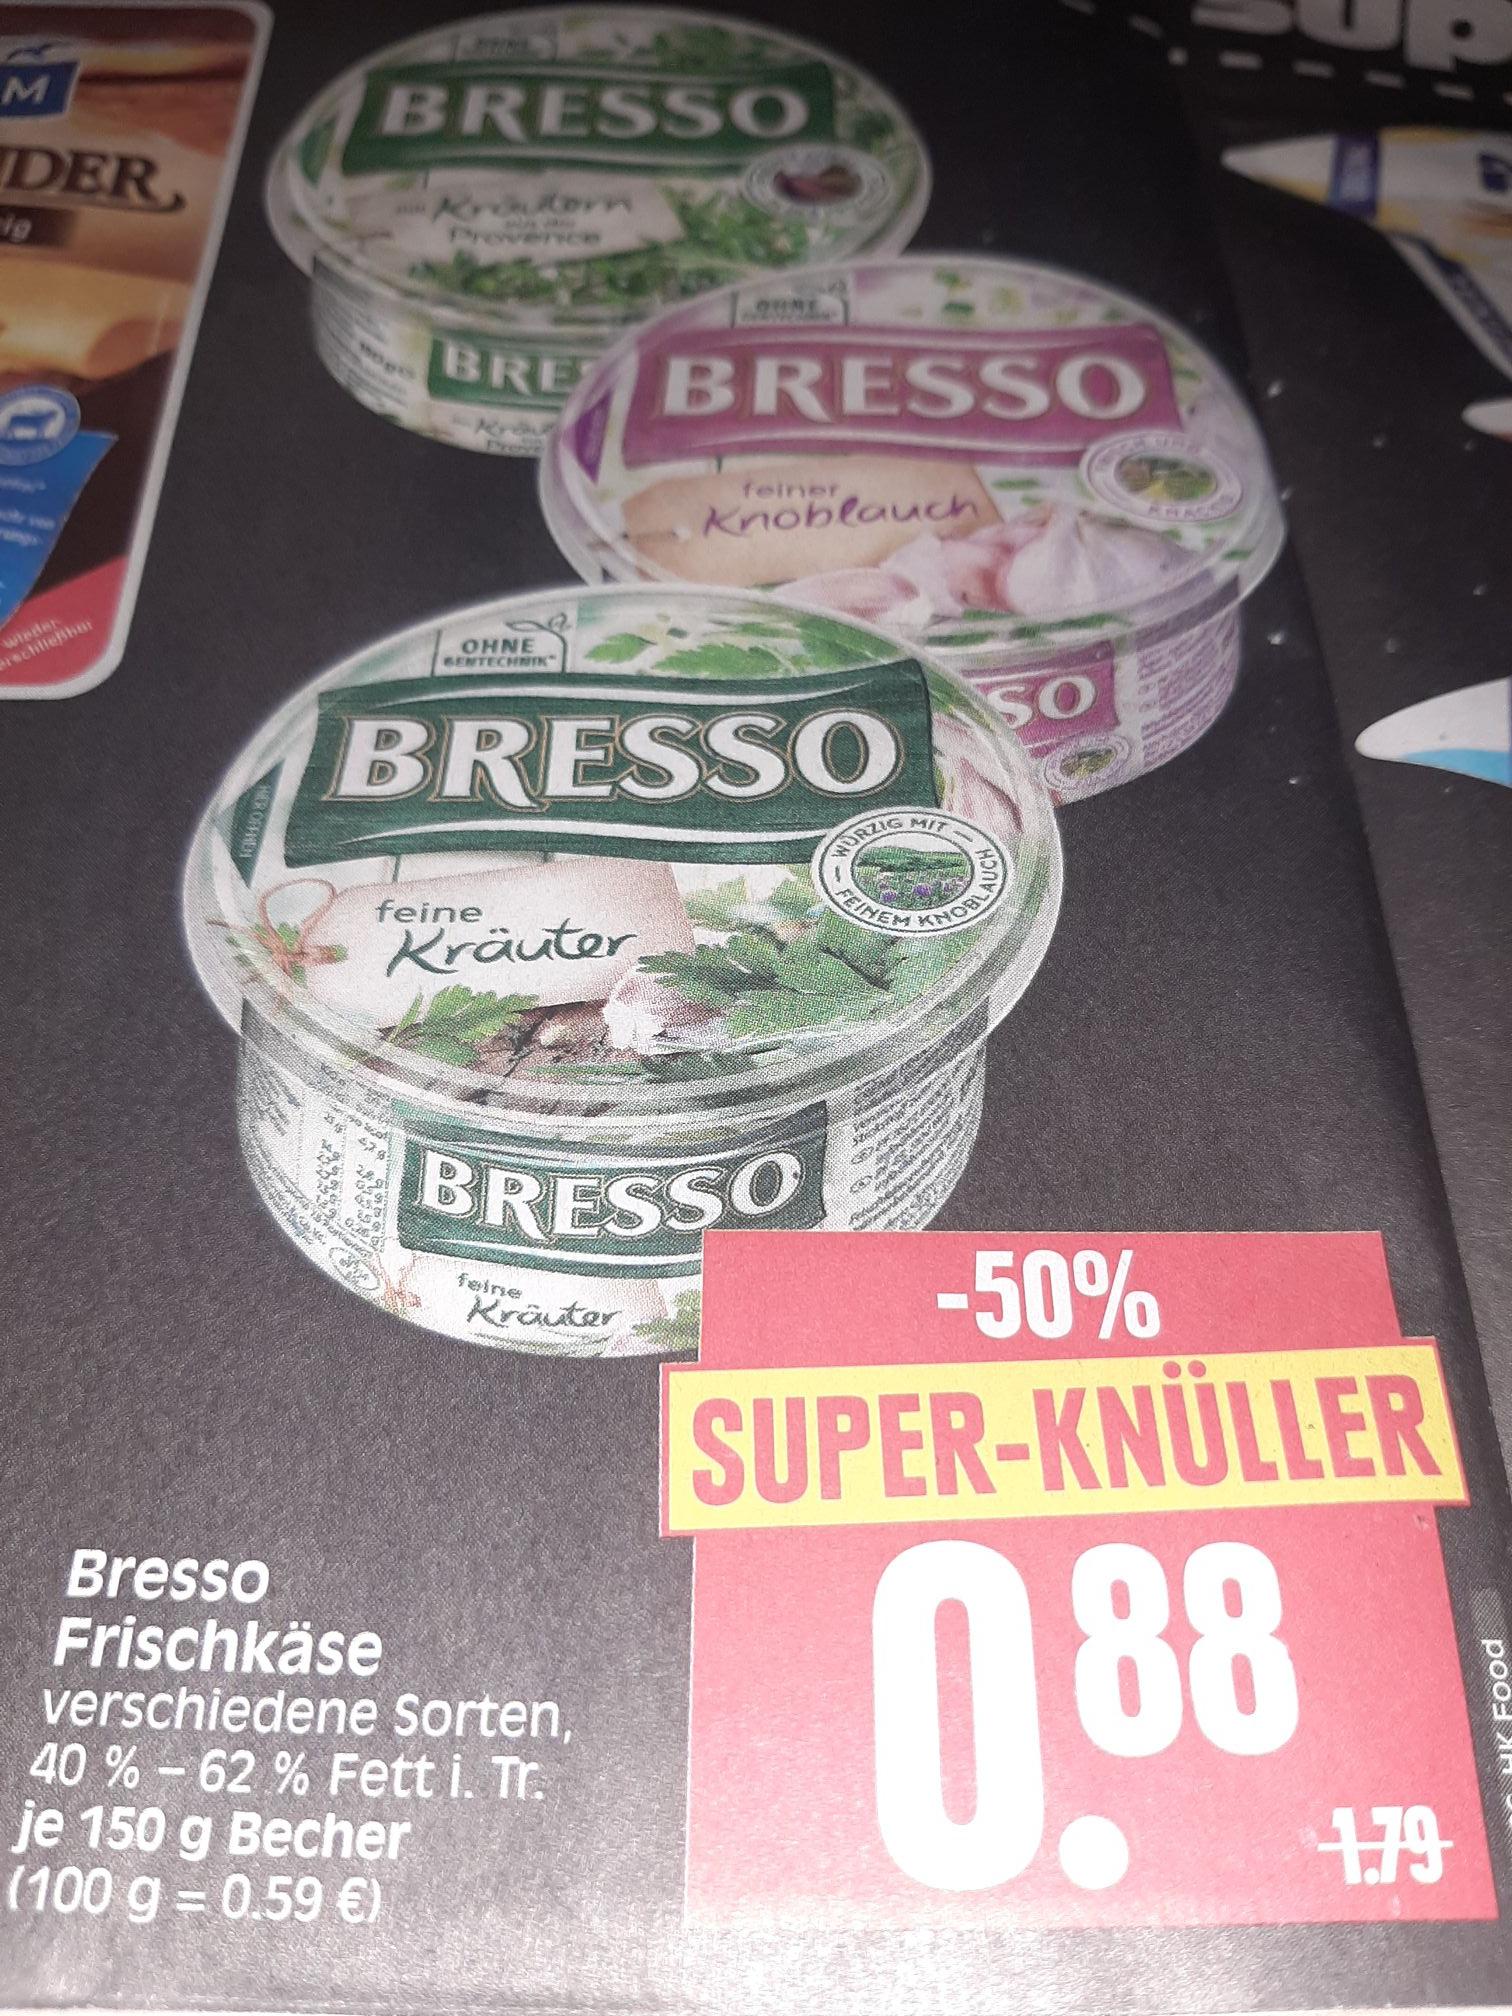 Edeka Center Herkules in Hessen Bresso Frischkäse Dank Coupon nur 0.38€